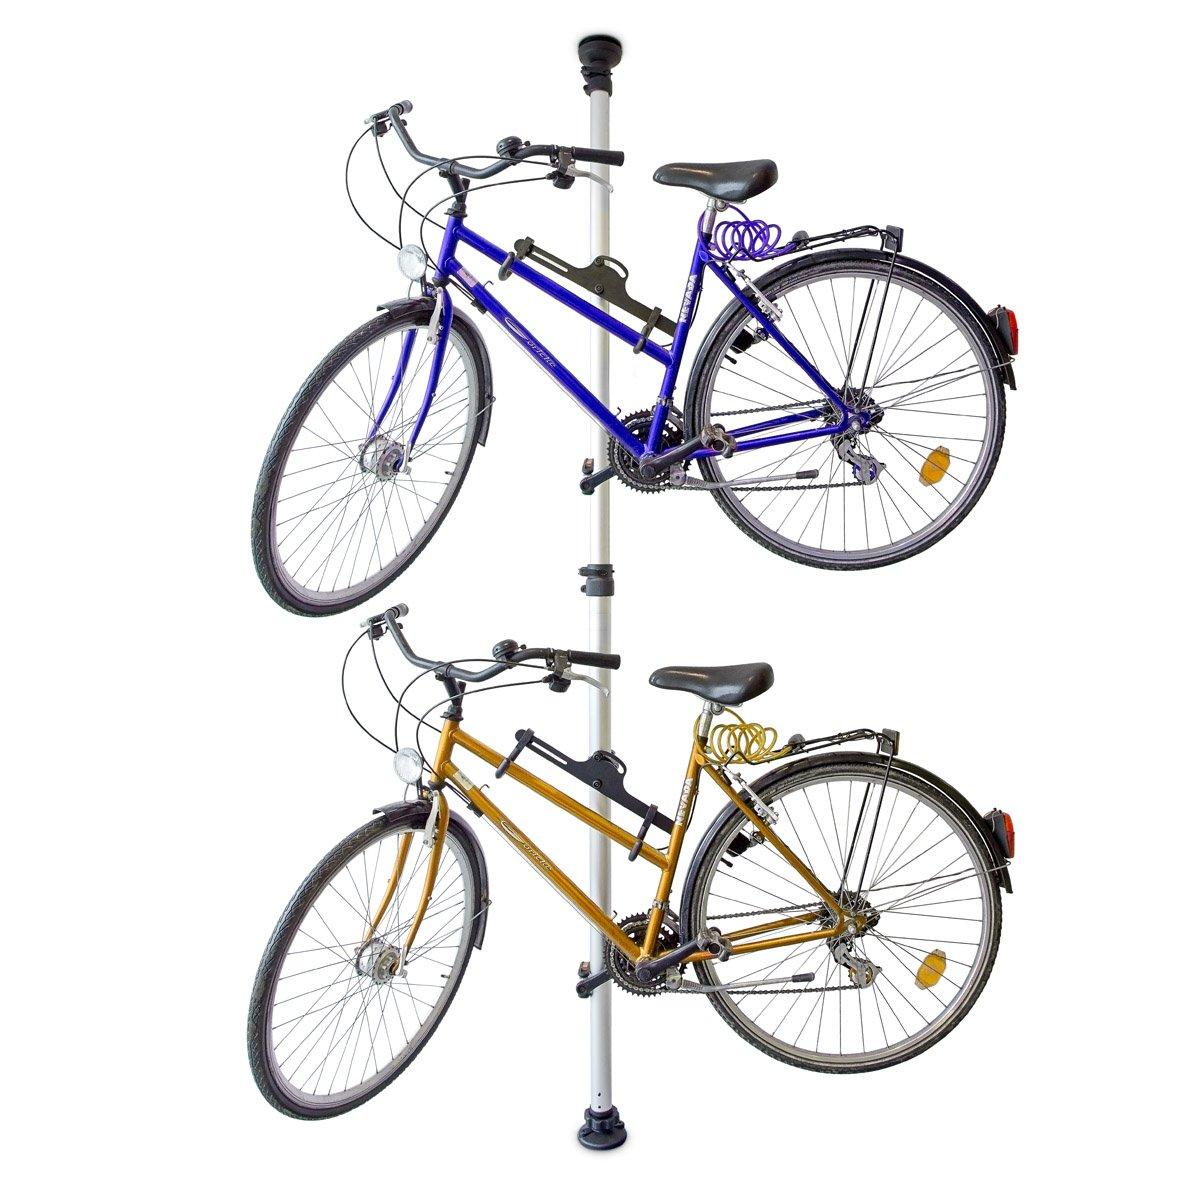 Relaxdays Support de vélo télescopique pour 2 vélos réglable 160-340 cm 30%OFF